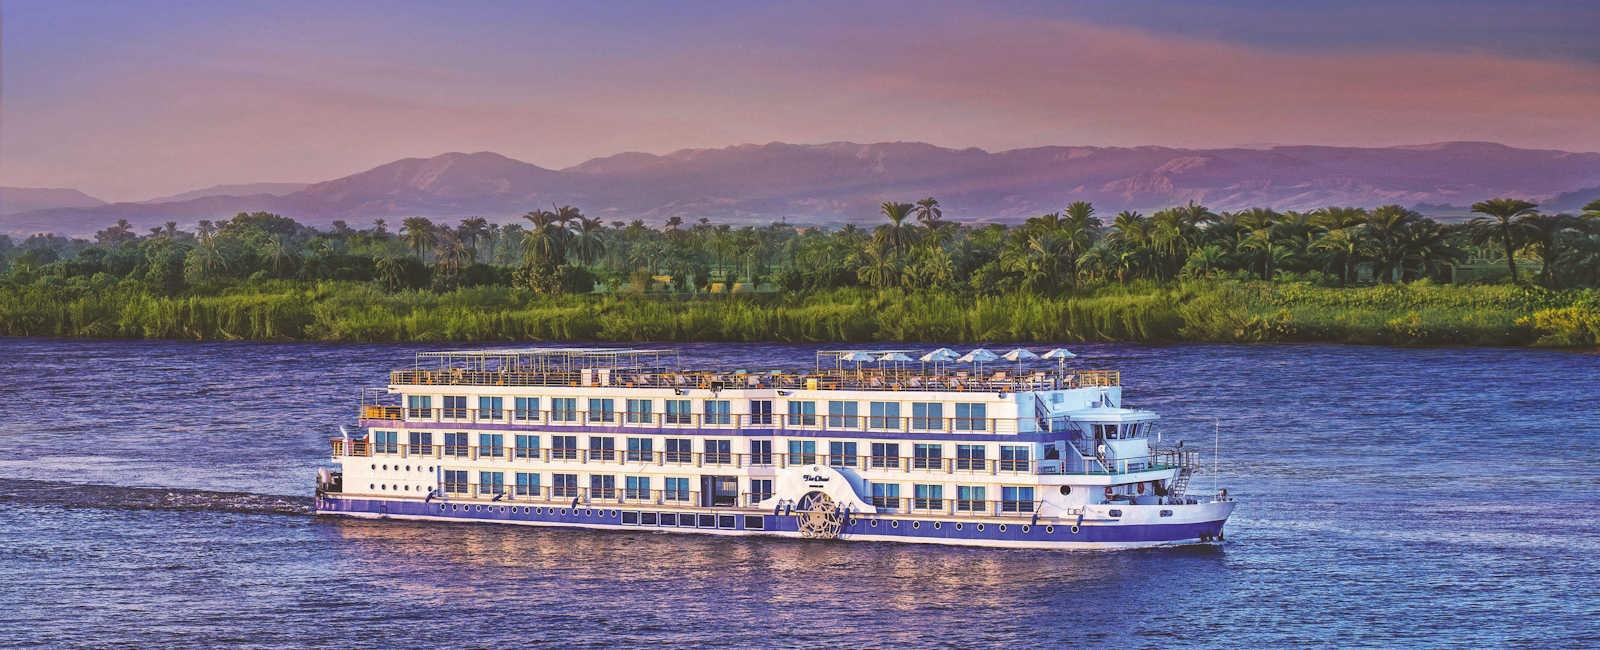 luxury nile cruises